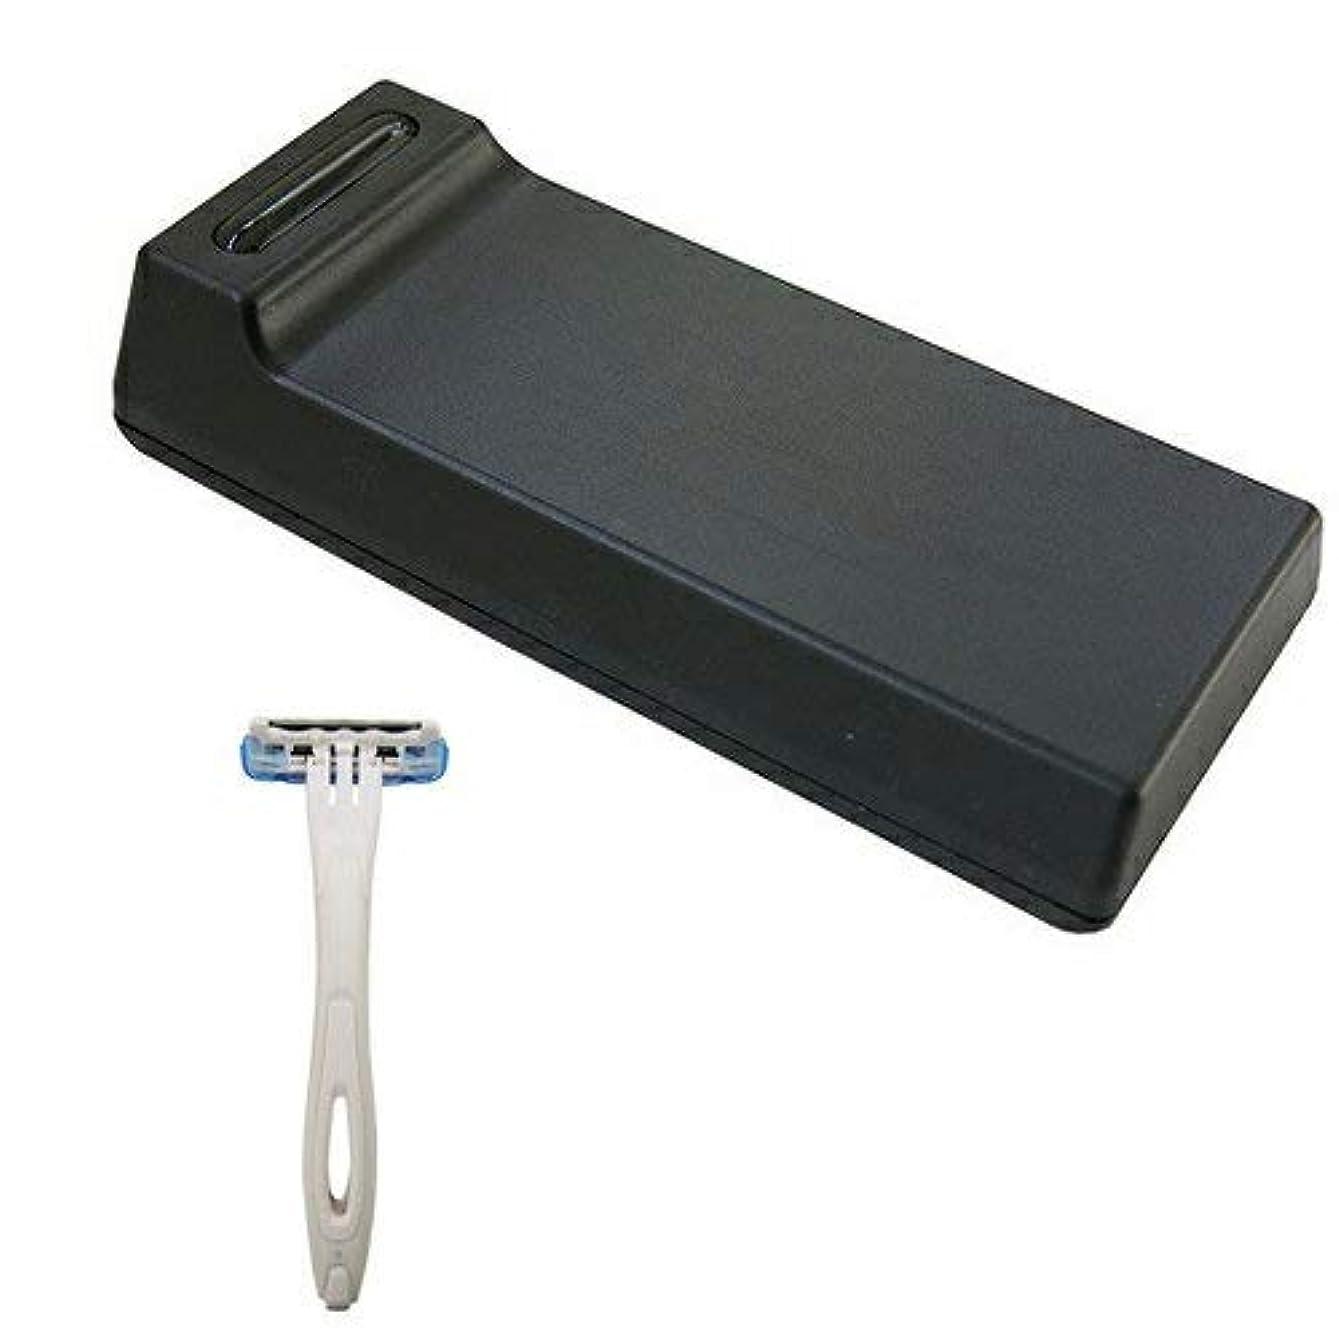 乱す歯科医精巧なCannelle カミソリ刃クリーナー BladeTech ブレードテック + 貝印 使い捨てカミソリ3枚刃